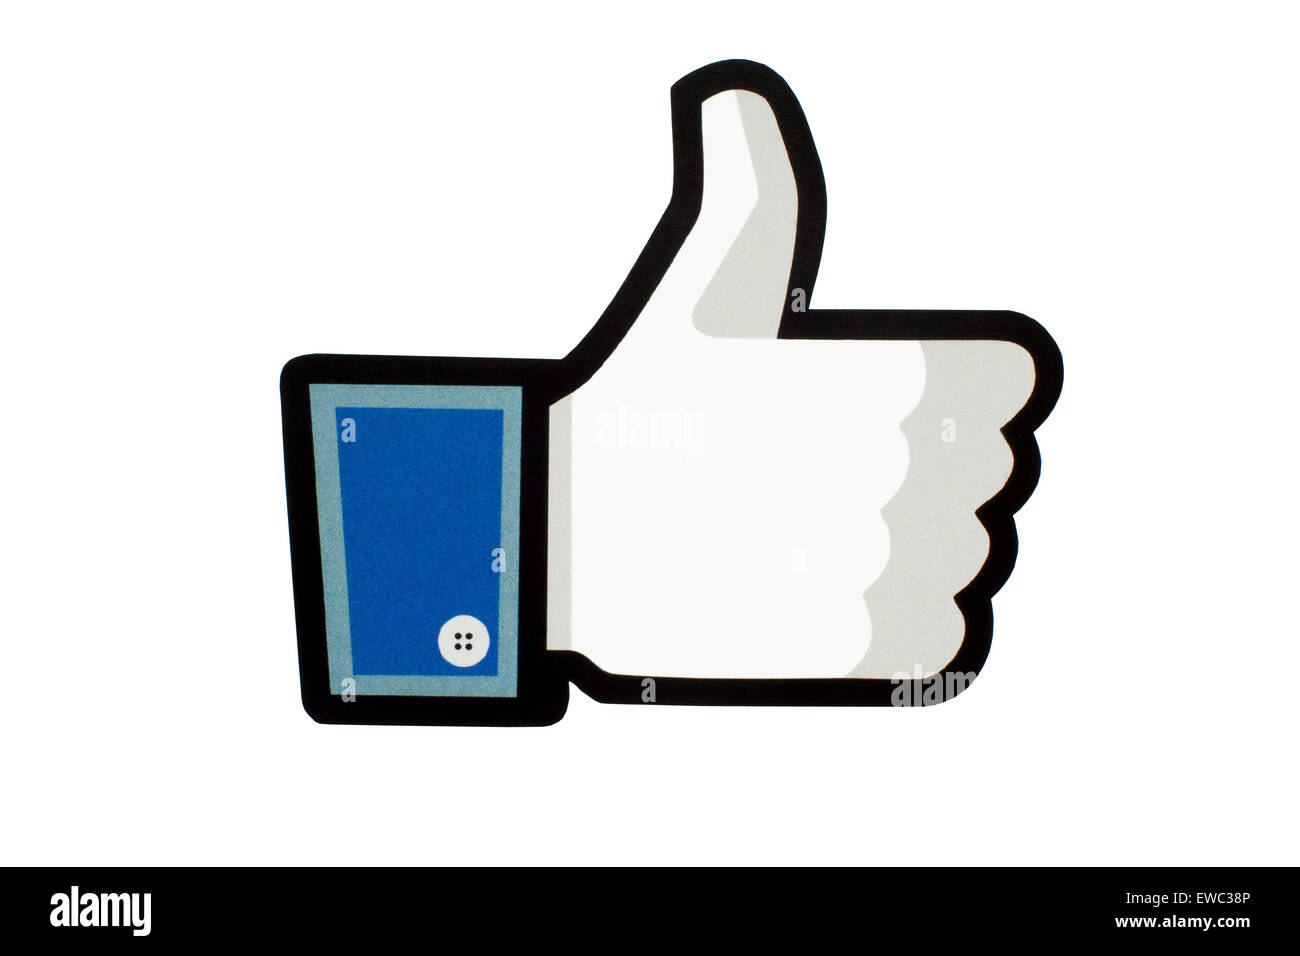 DANZIG, POLEN - 26. MAI 2015. Facebook wie Logo auf Papier gedruckt und auf weißem Hintergrund platziert. Facebook Stockbild